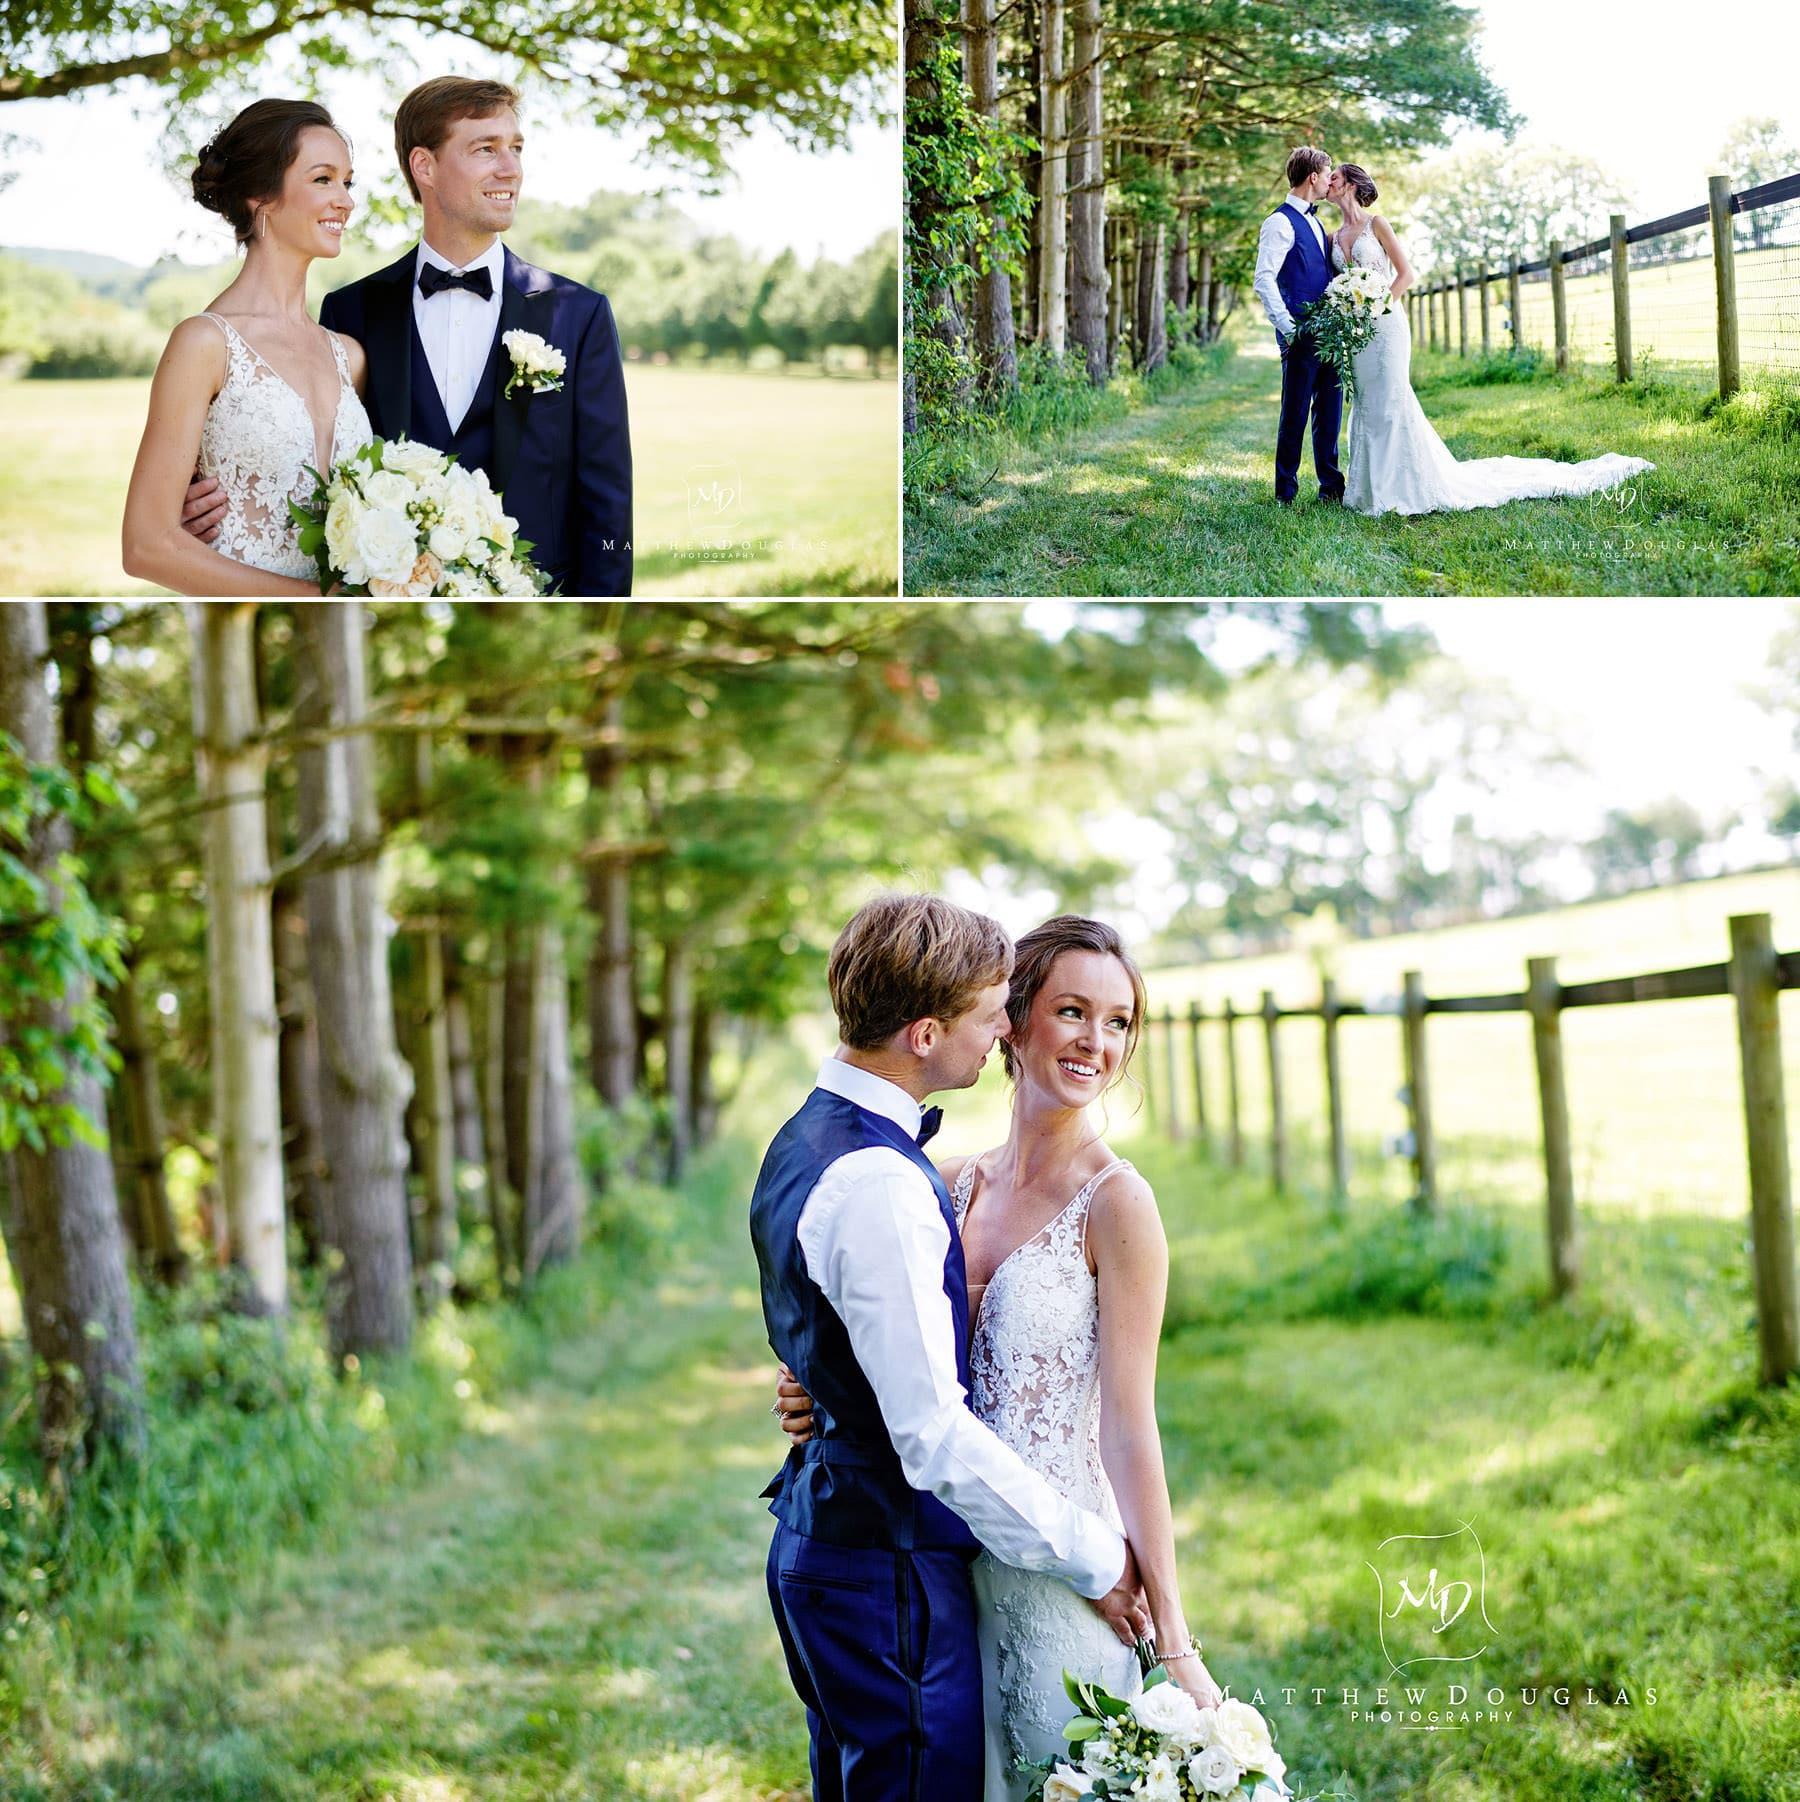 wedding photos at a horse farm